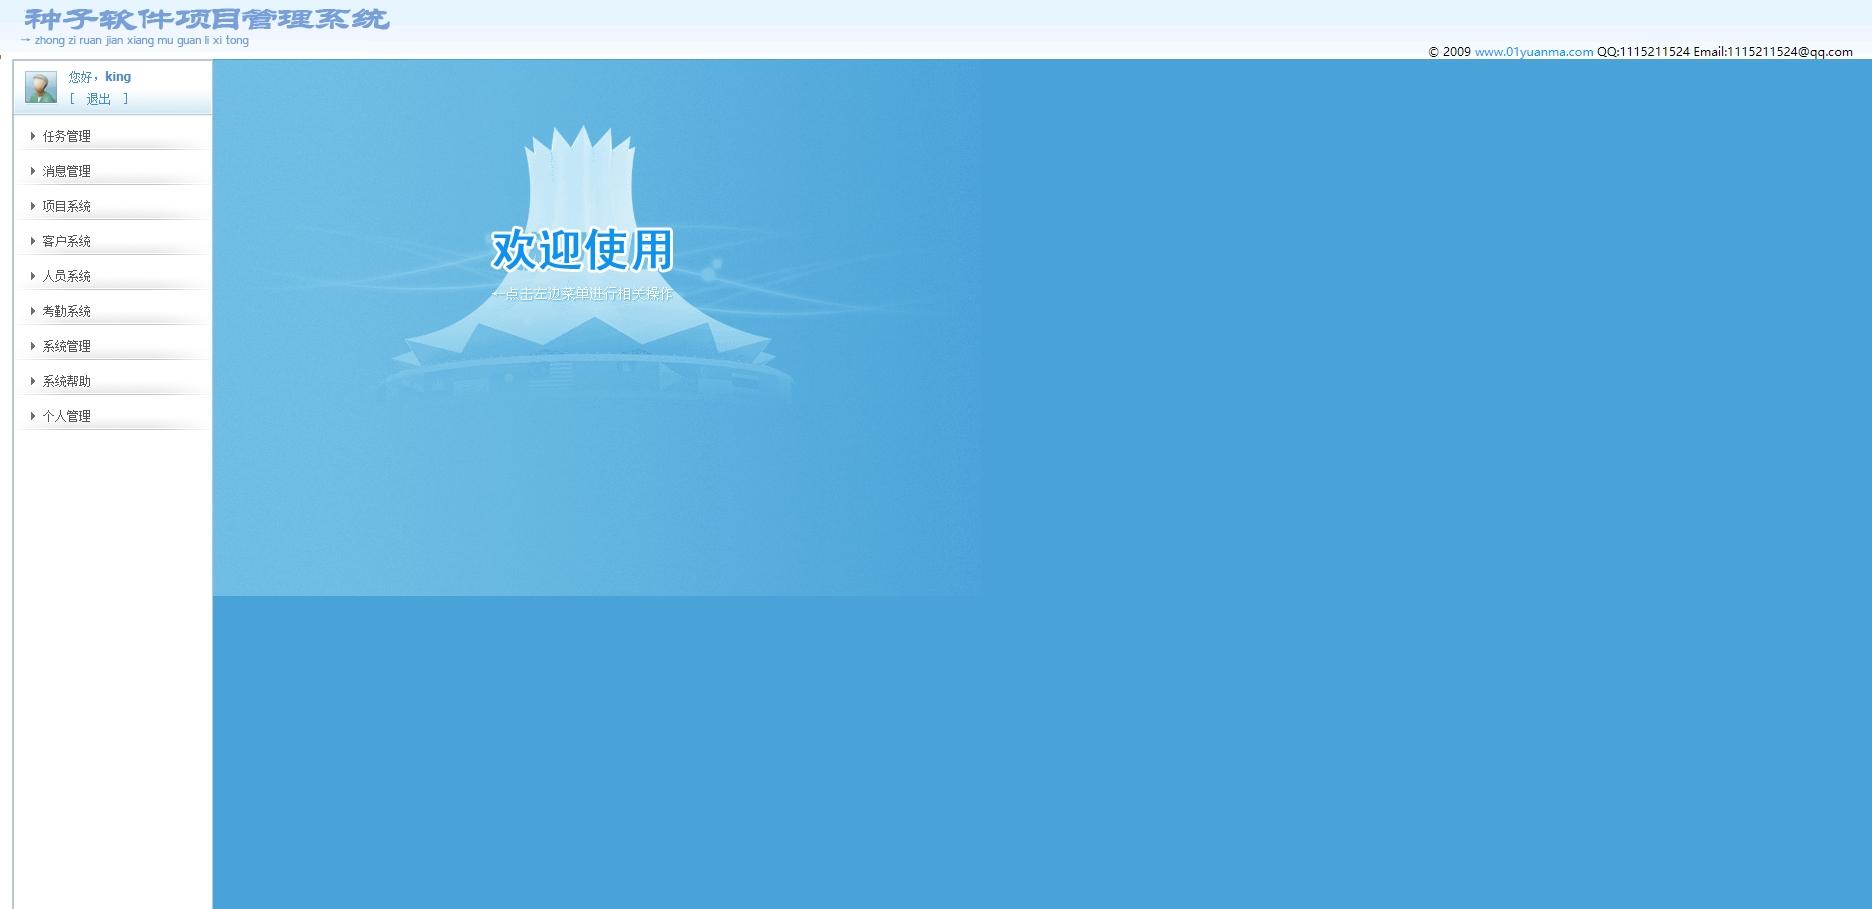 企业软件项目管理系统后台模板html下载